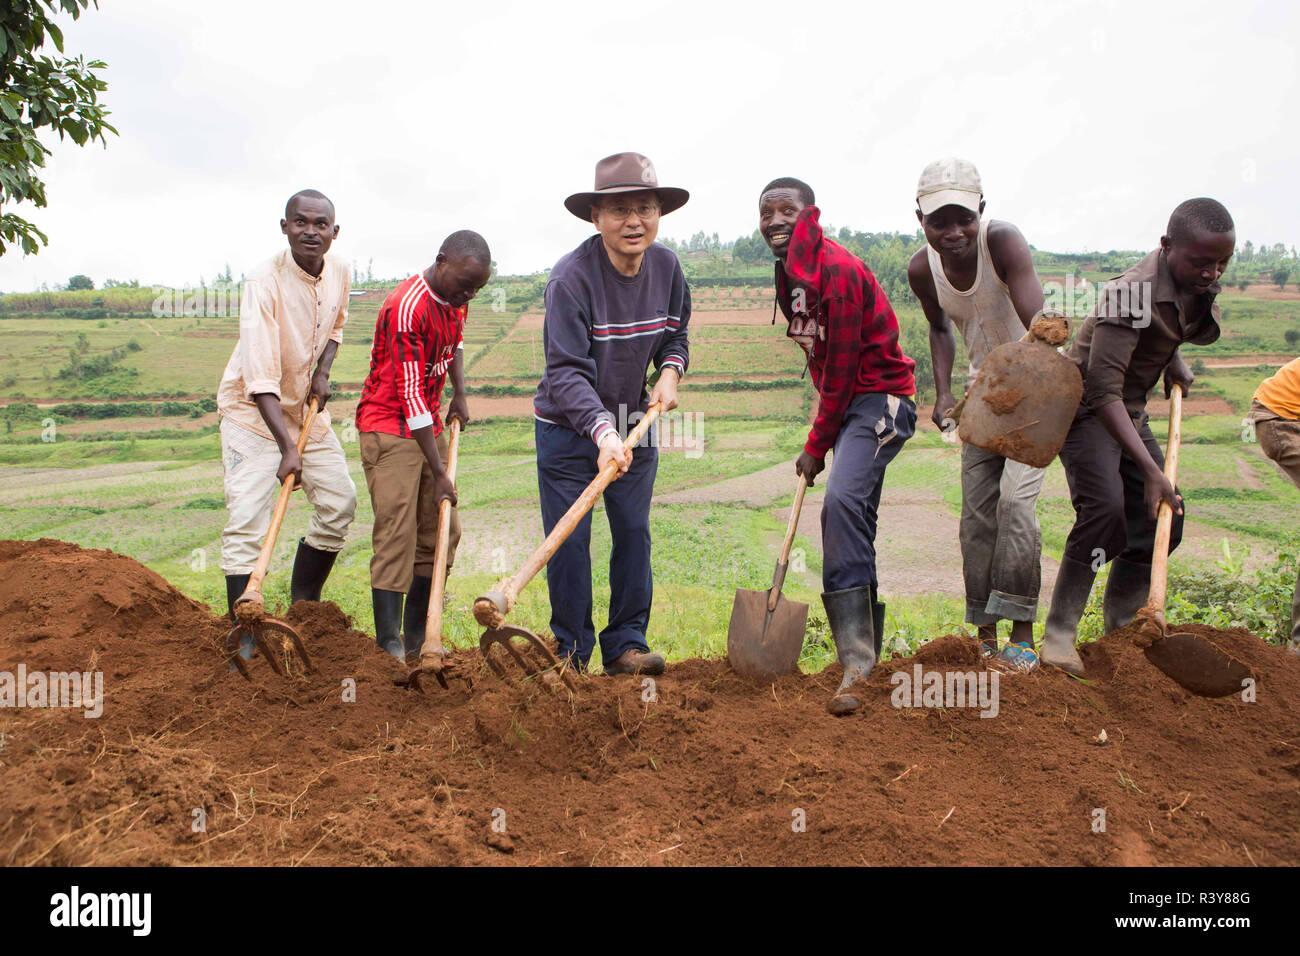 """(181124) -- KAMONYI (Rwanda), 24 novembre 2018 (Xinhua) -- l'Ambassadeur de Chine au Rwanda Rao Hongwei (3L) participe au travail communautaire mensuel, l'Umuganda, district de Kamonyi, au centre du pays, le 24 novembre, 2018. Les missions diplomatiques au Rwanda et ministère rwandais des affaires étrangères et de la coopération internationale a organisé un samedi sur l'Umuganda diplomatique à Kamonyi. Prendre racine à partir de la culture rwandaise de l'entraide et la coopération, l'Umuganda, lieu le dernier samedi du mois, peut être traduit comme """"le fait de se réunir dans un but commun de parvenir à un résultat"""", selon le Rwanda Conseil de gouvernance. (Xi Banque D'Images"""